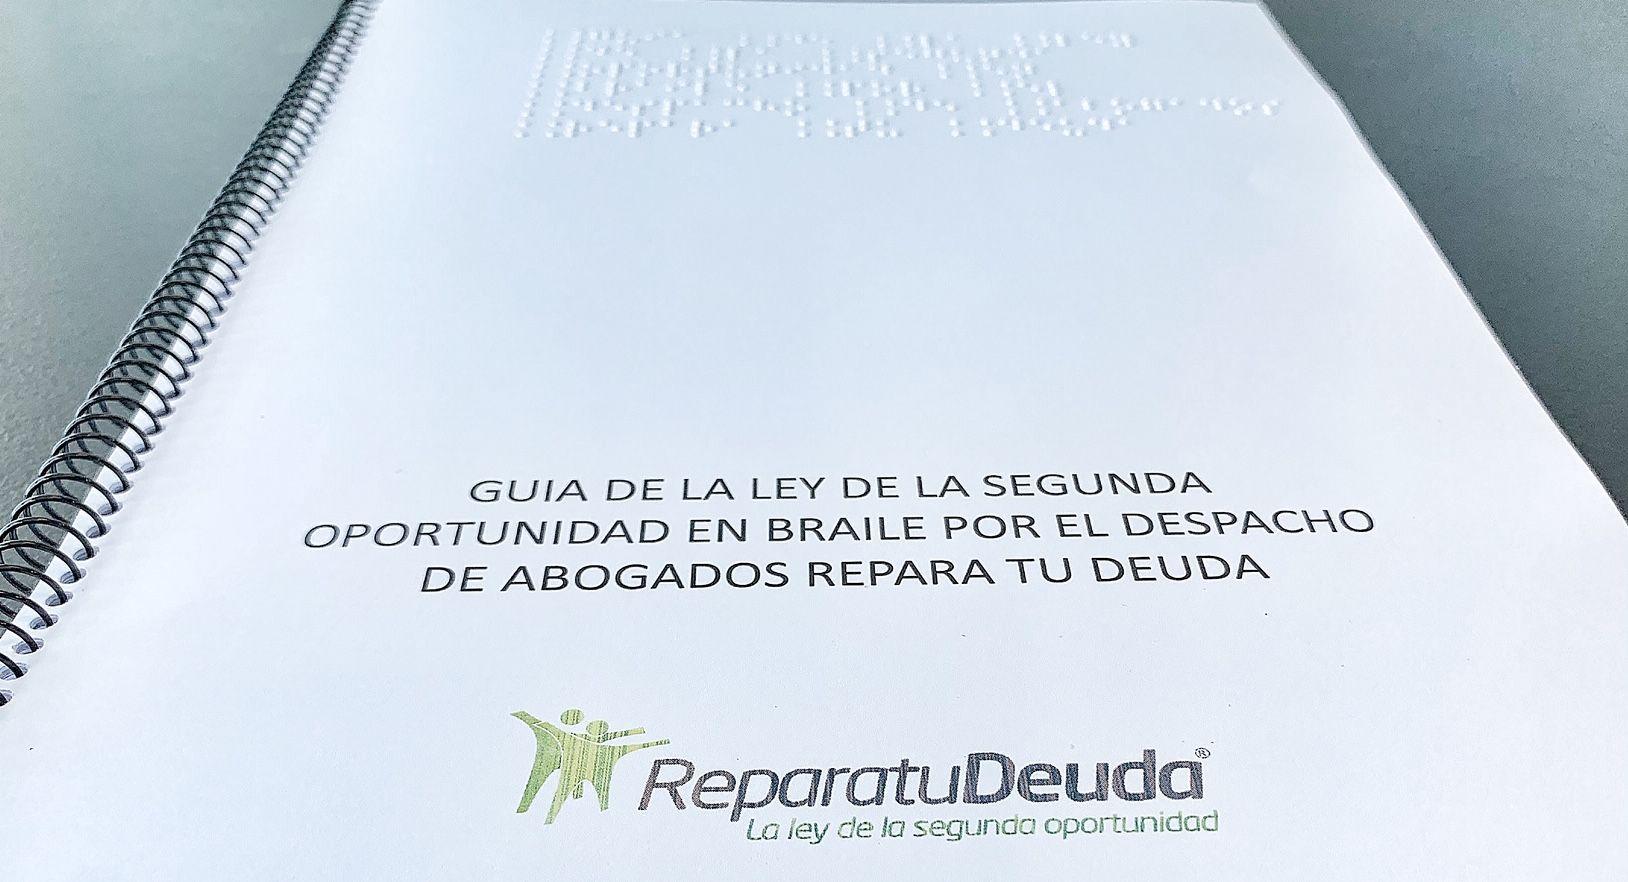 Fotografia Guia de la ley de la segunda oportunidad en Braille